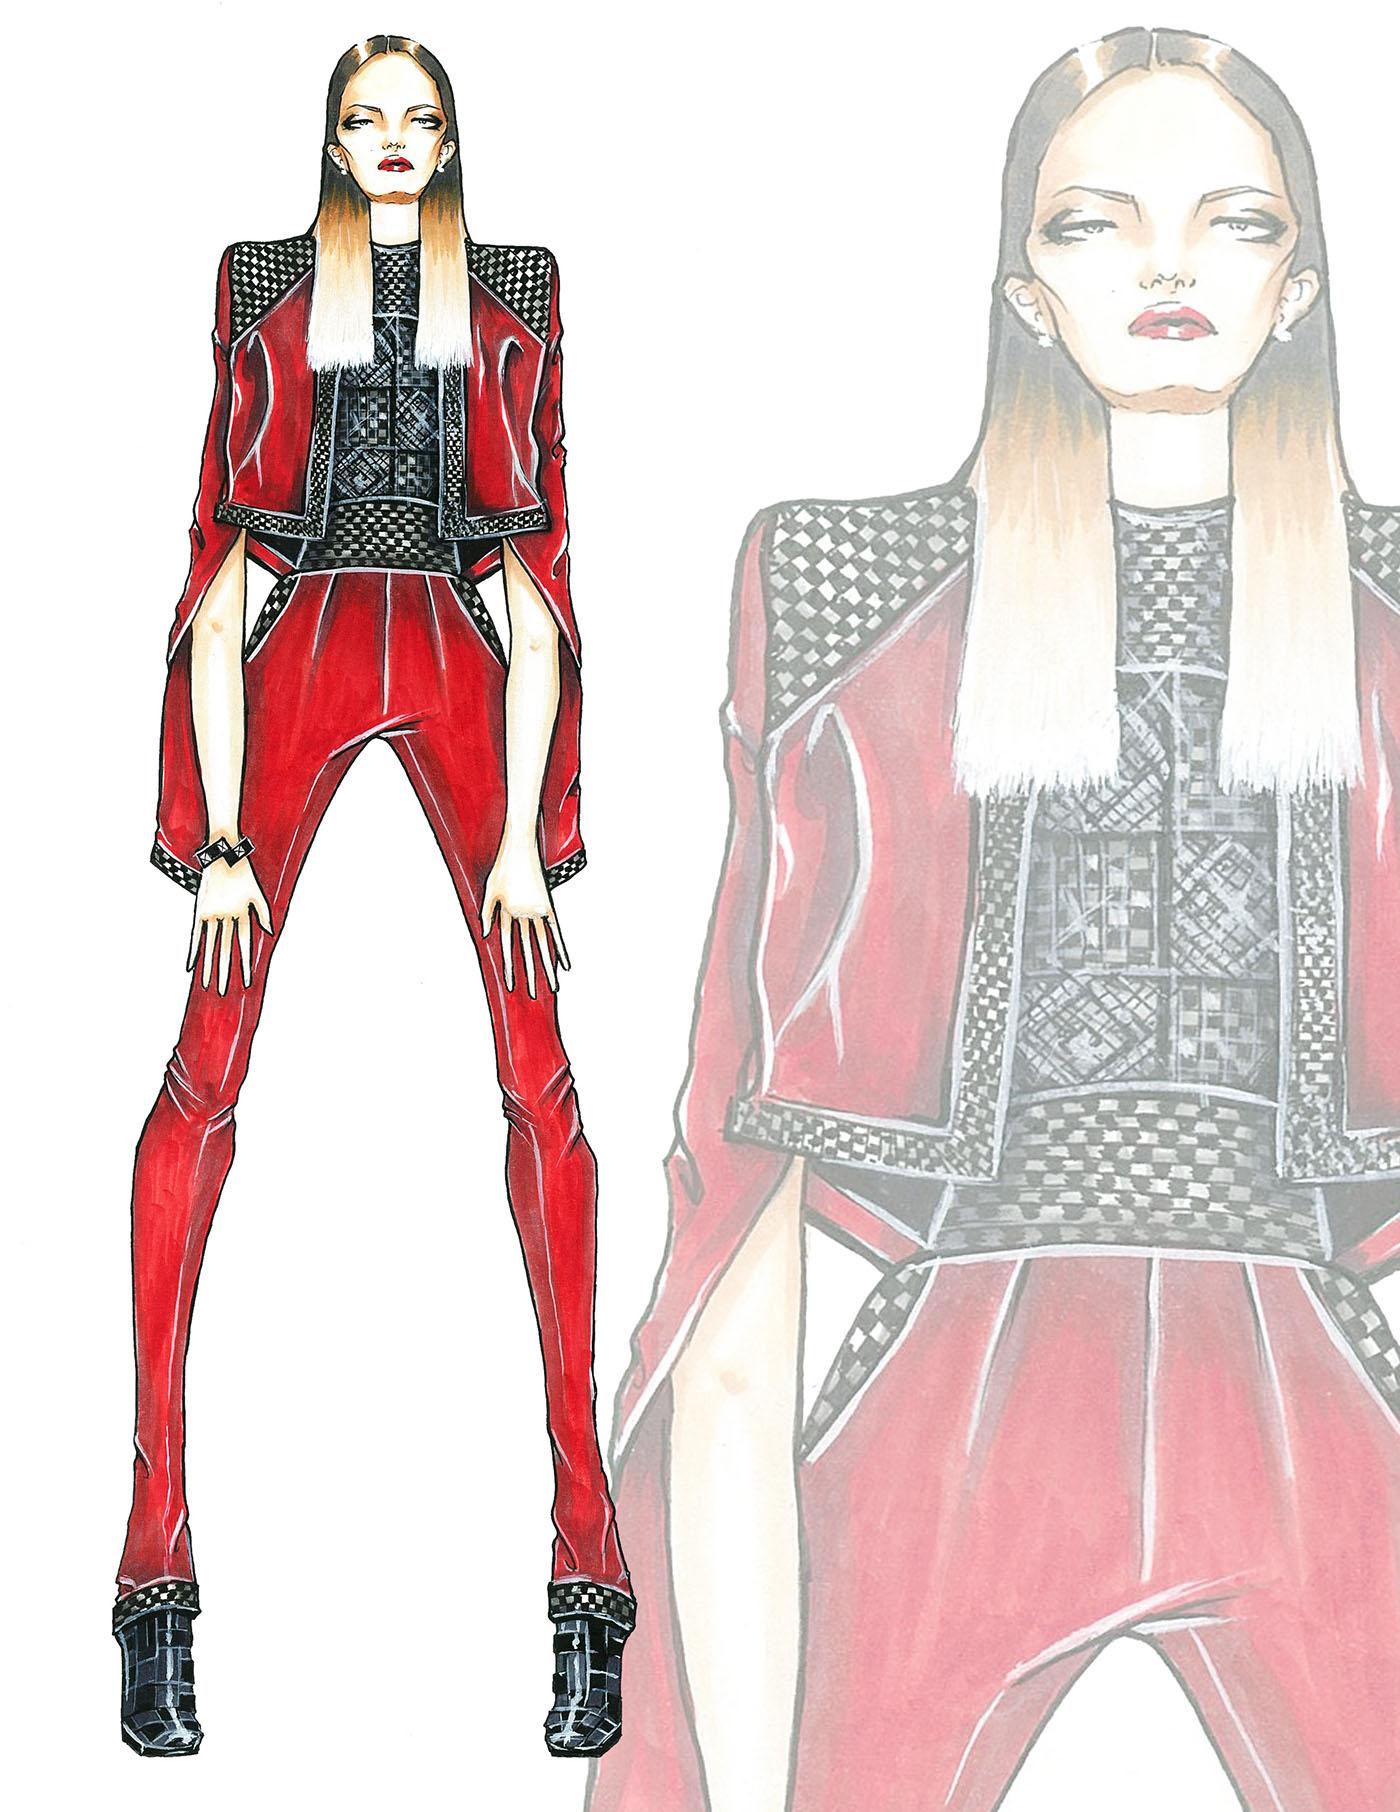 精細的35張衣服設計圖欣賞